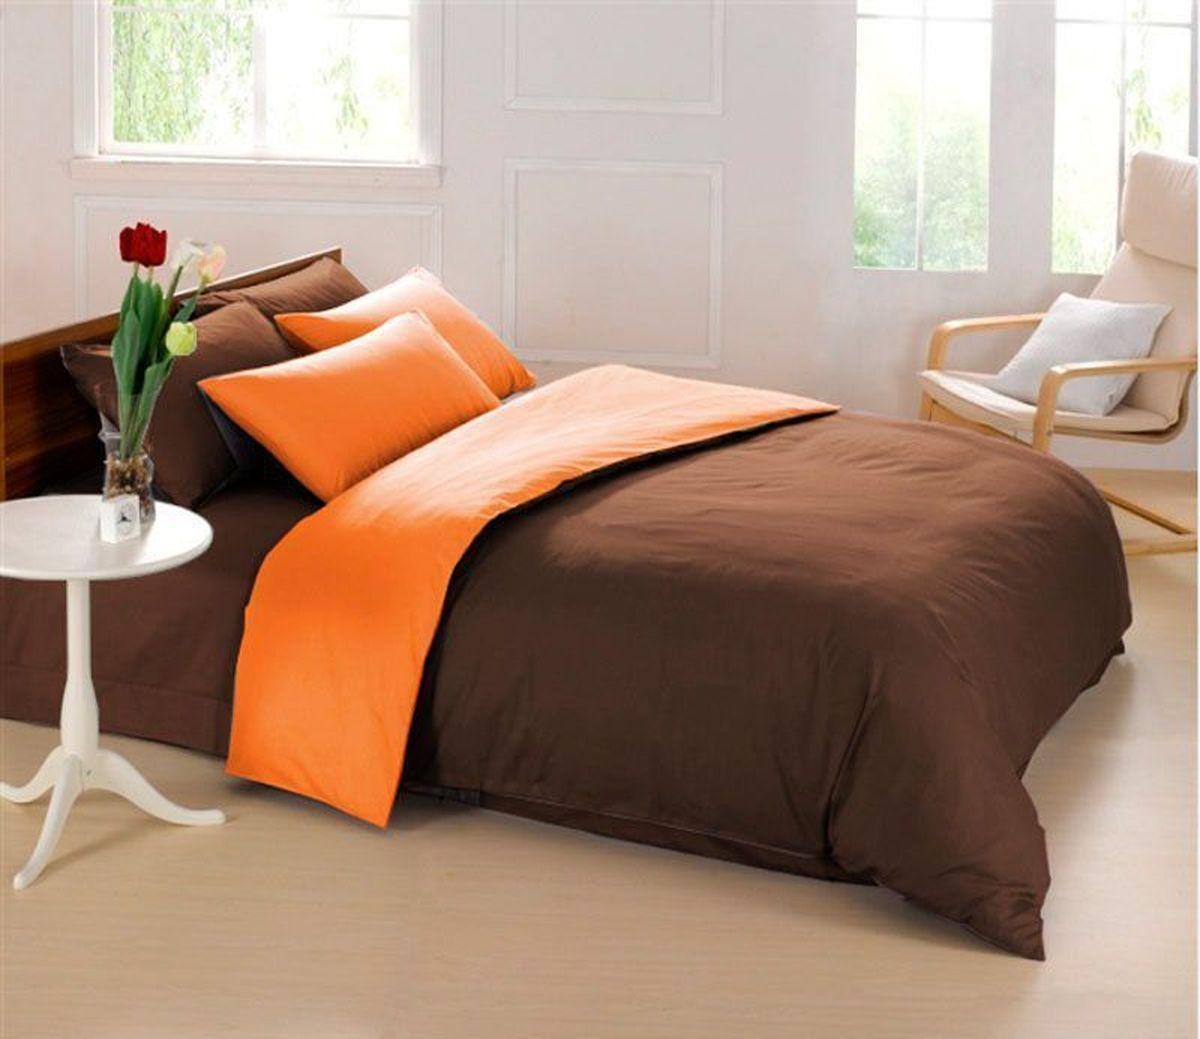 Комплект белья Sleep iX Perfection, семейный, наволочки 50х70, 70х70, цвет: оранжевый, темно-коричневыйSC-FD421005Комплект постельного белья Sleep iX Perfection состоит из двух пододеяльников, простыни и четырех наволочек. Предметы комплекта выполнены из абсолютно гипоаллергенной микрофибры, неприхотливой в уходе.Благодаря такому комплекту постельного белья вы сможете создать атмосферу уюта и комфорта в вашей спальне.Известно, что цвет напрямую воздействует на психологическое и физическое состояние человека. Оранжевый – вызывает ощущение теплоты, бодрости, веселья, создает хорошее настроение. Оранжевый омолаживает, возбуждает аппетит, способствует оптимистическому настрою и гармонии с окружающей средой.Коричневый - спокойный и сдержанный цвет. Вызывает ощущение тепла, способствует созданию спокойного мягкого настроения. Это цвет надежности, прочности, здравого смысла.